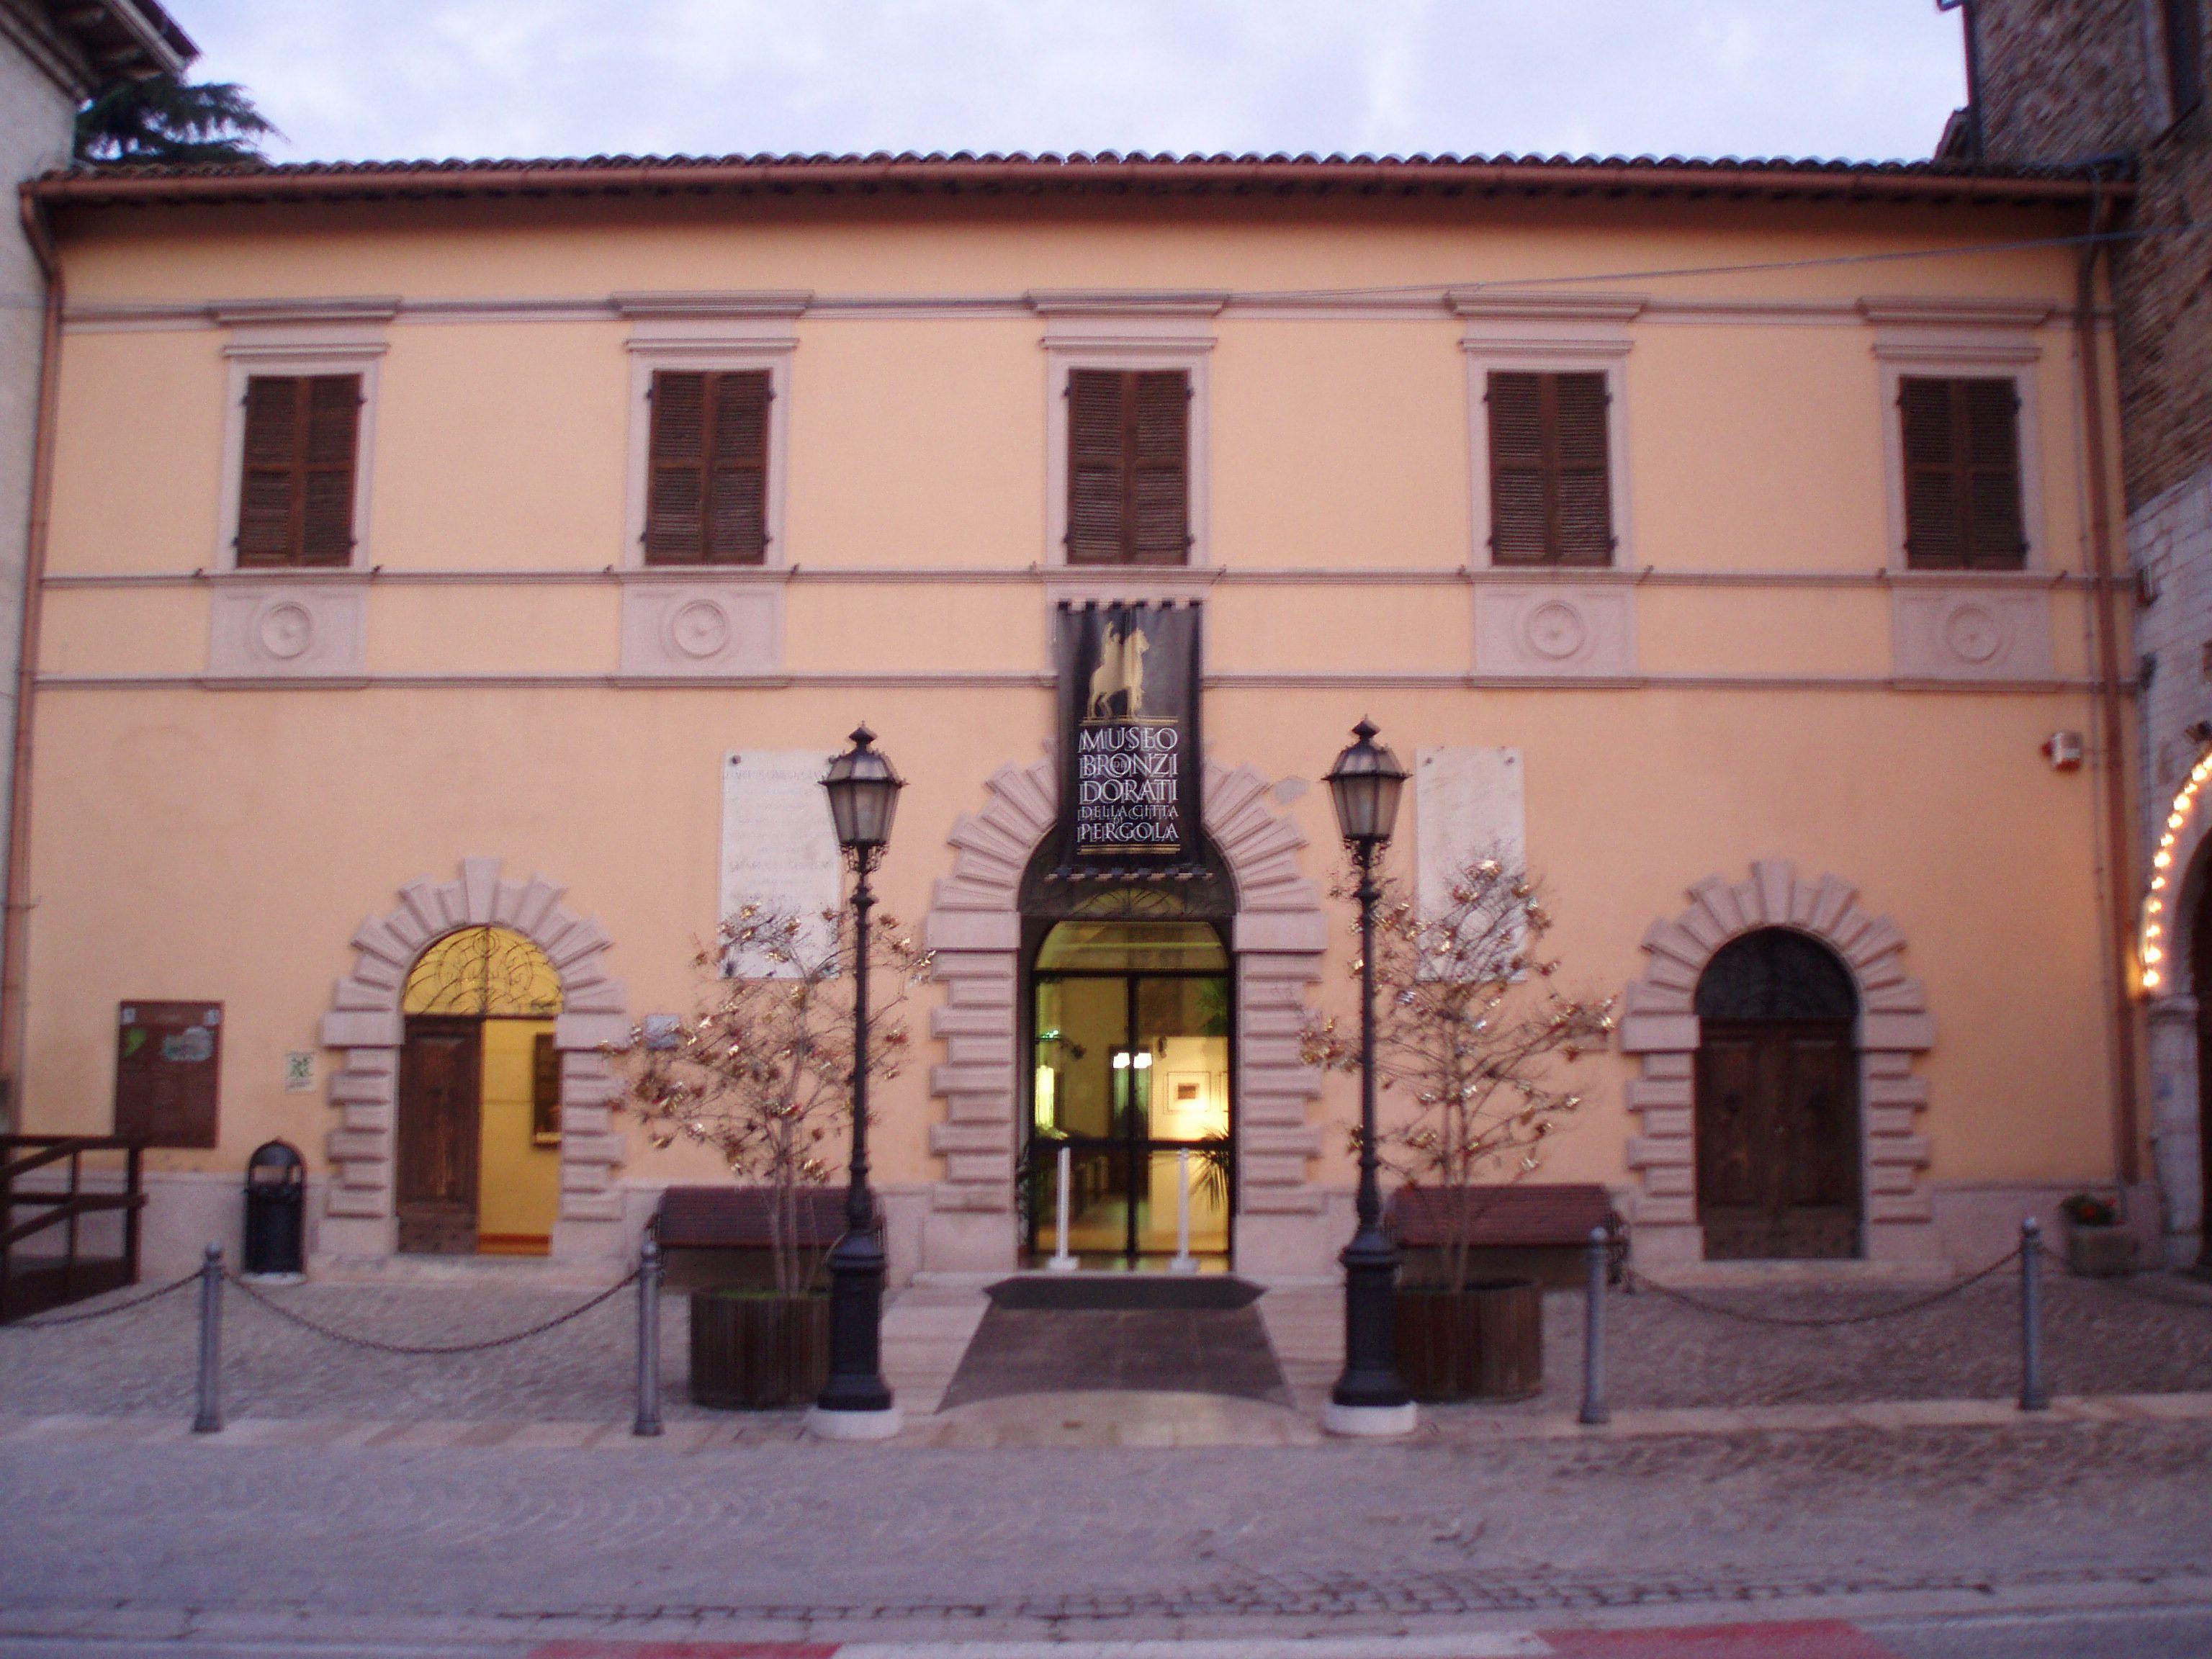 Museo dei bronzi dorati.Pergola nasce come libero comune nel 1234 per creare posti di lavoro e commercio alle popolazioni dei vicini castelli e di Gubbio, la città che aveva giurisdizione sul territorio, estremo lembo del confine nord orientale dell'Umbria e che lo aveva assorbito dall'antica Luceoli. Ecclesiasticamente invece, il fiume Cesano,fin da epoca longobarda, divideva la diocesi di Nocera posta nell'estremo nord del Ducato di Spoleto, da quella di Gubbio che era nell'esarcato di…